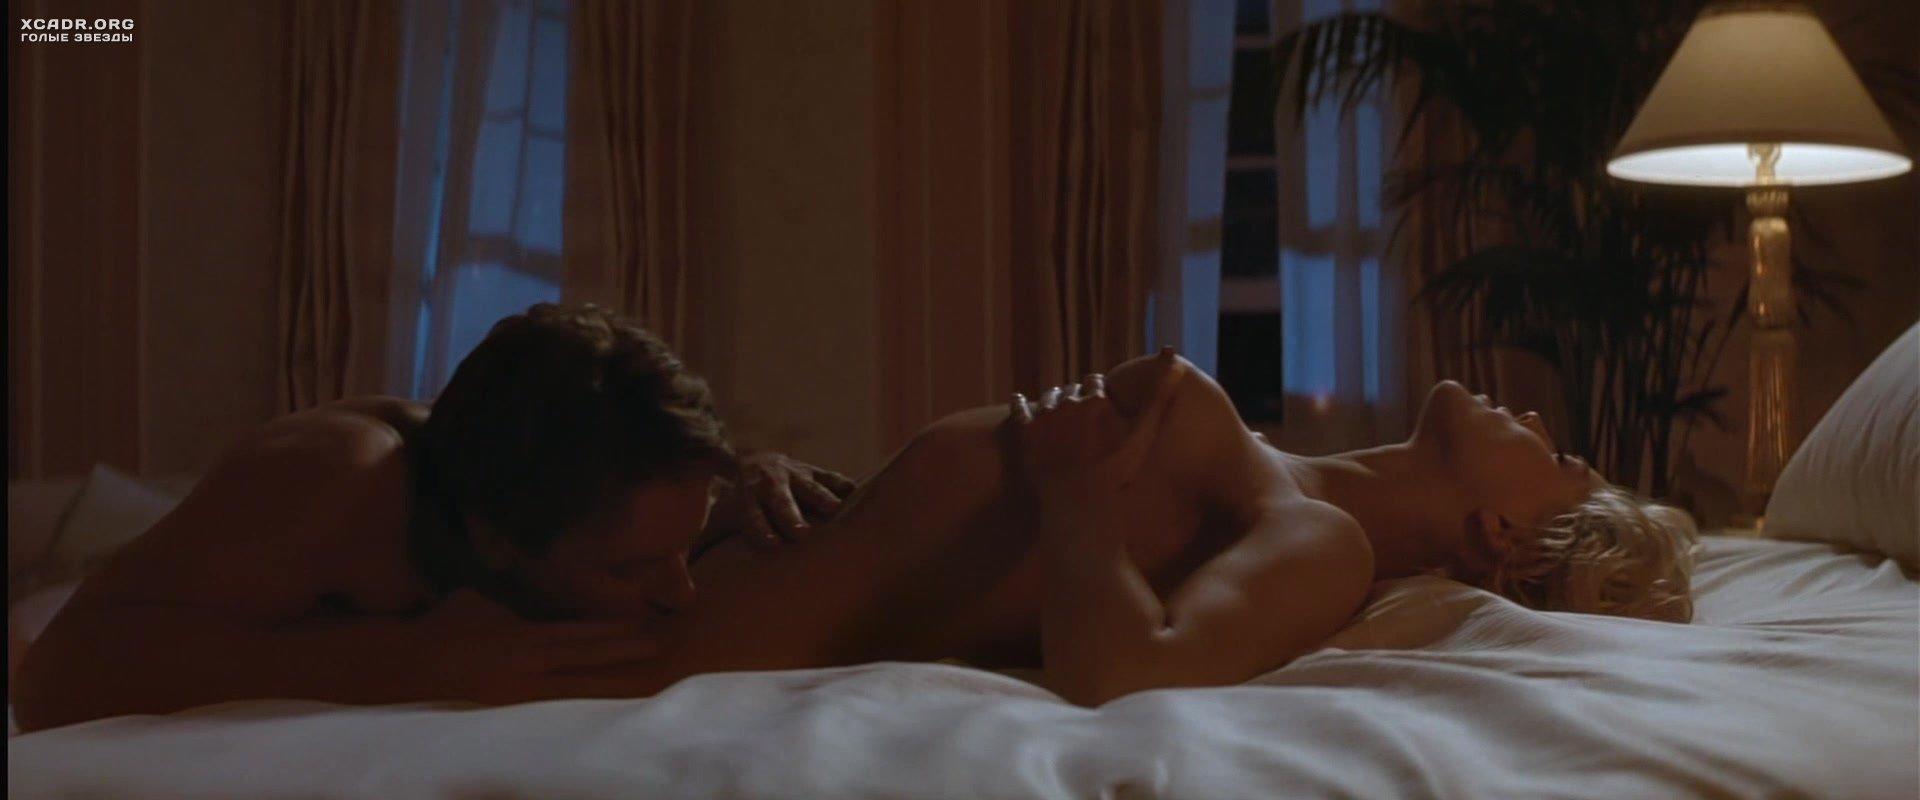 Порно сены основной инстинкт 3 фотография